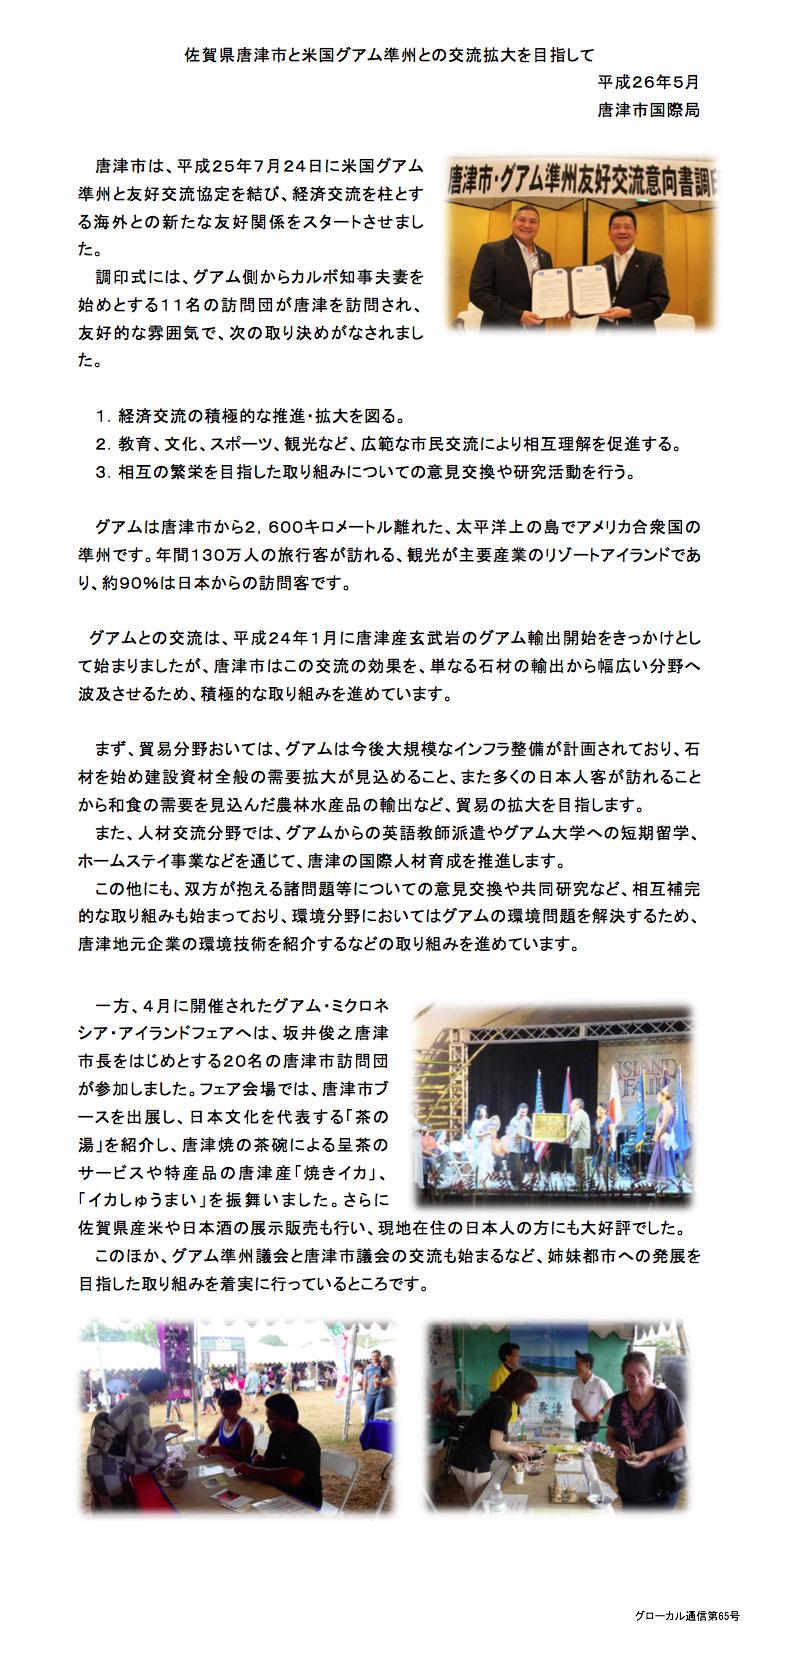 佐賀県唐津市と米国グアム準州との交流拡大を目指して